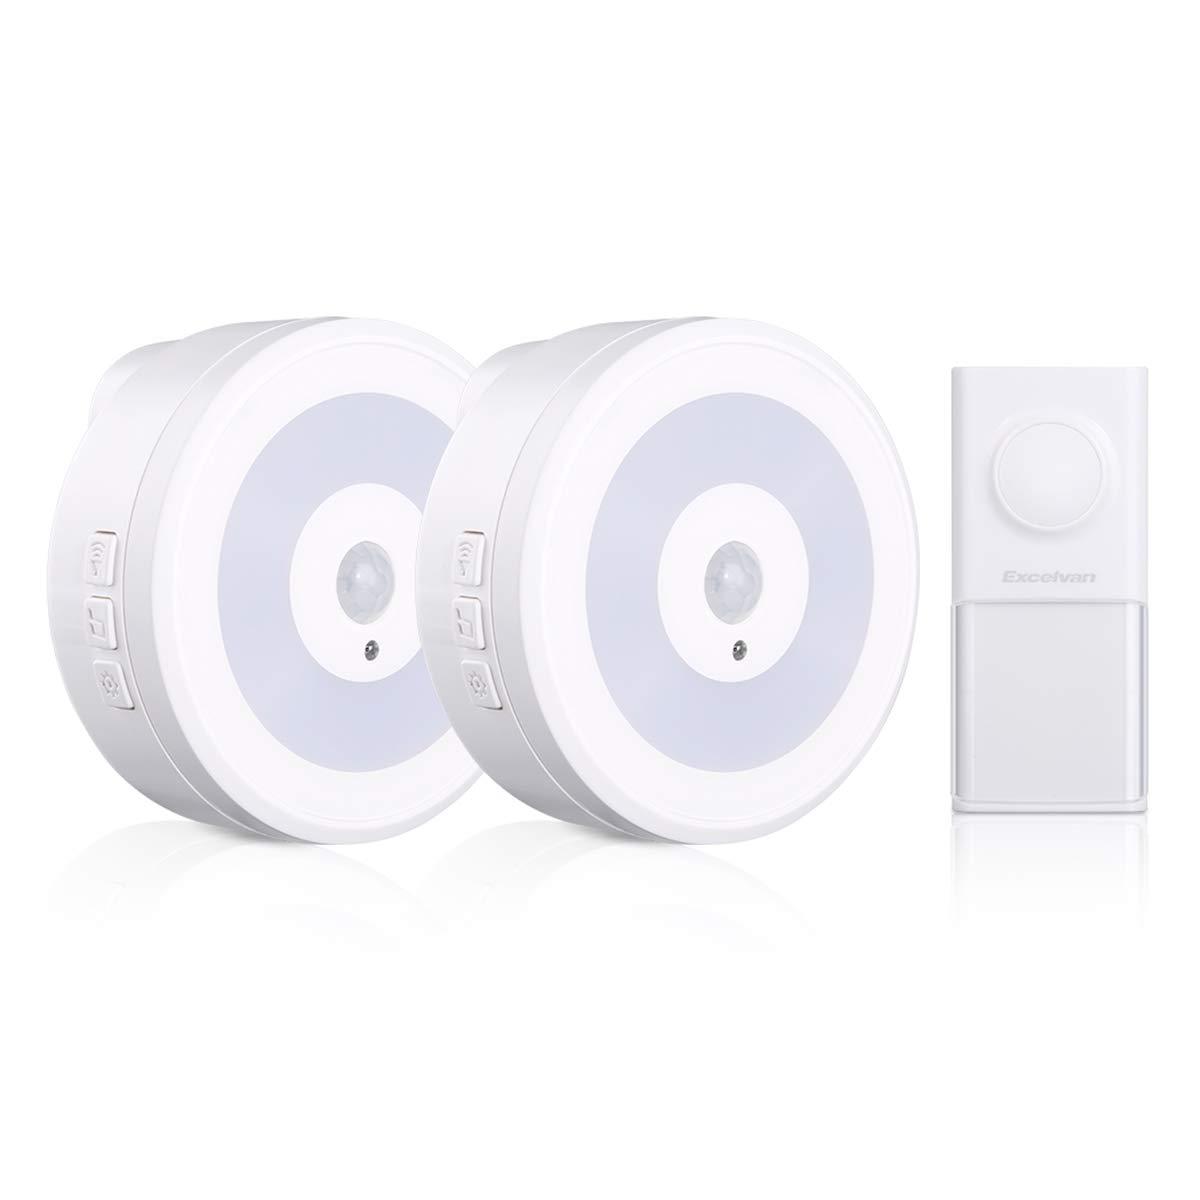 P55 Wriless Doorbell with 2 Receivers Excelvan